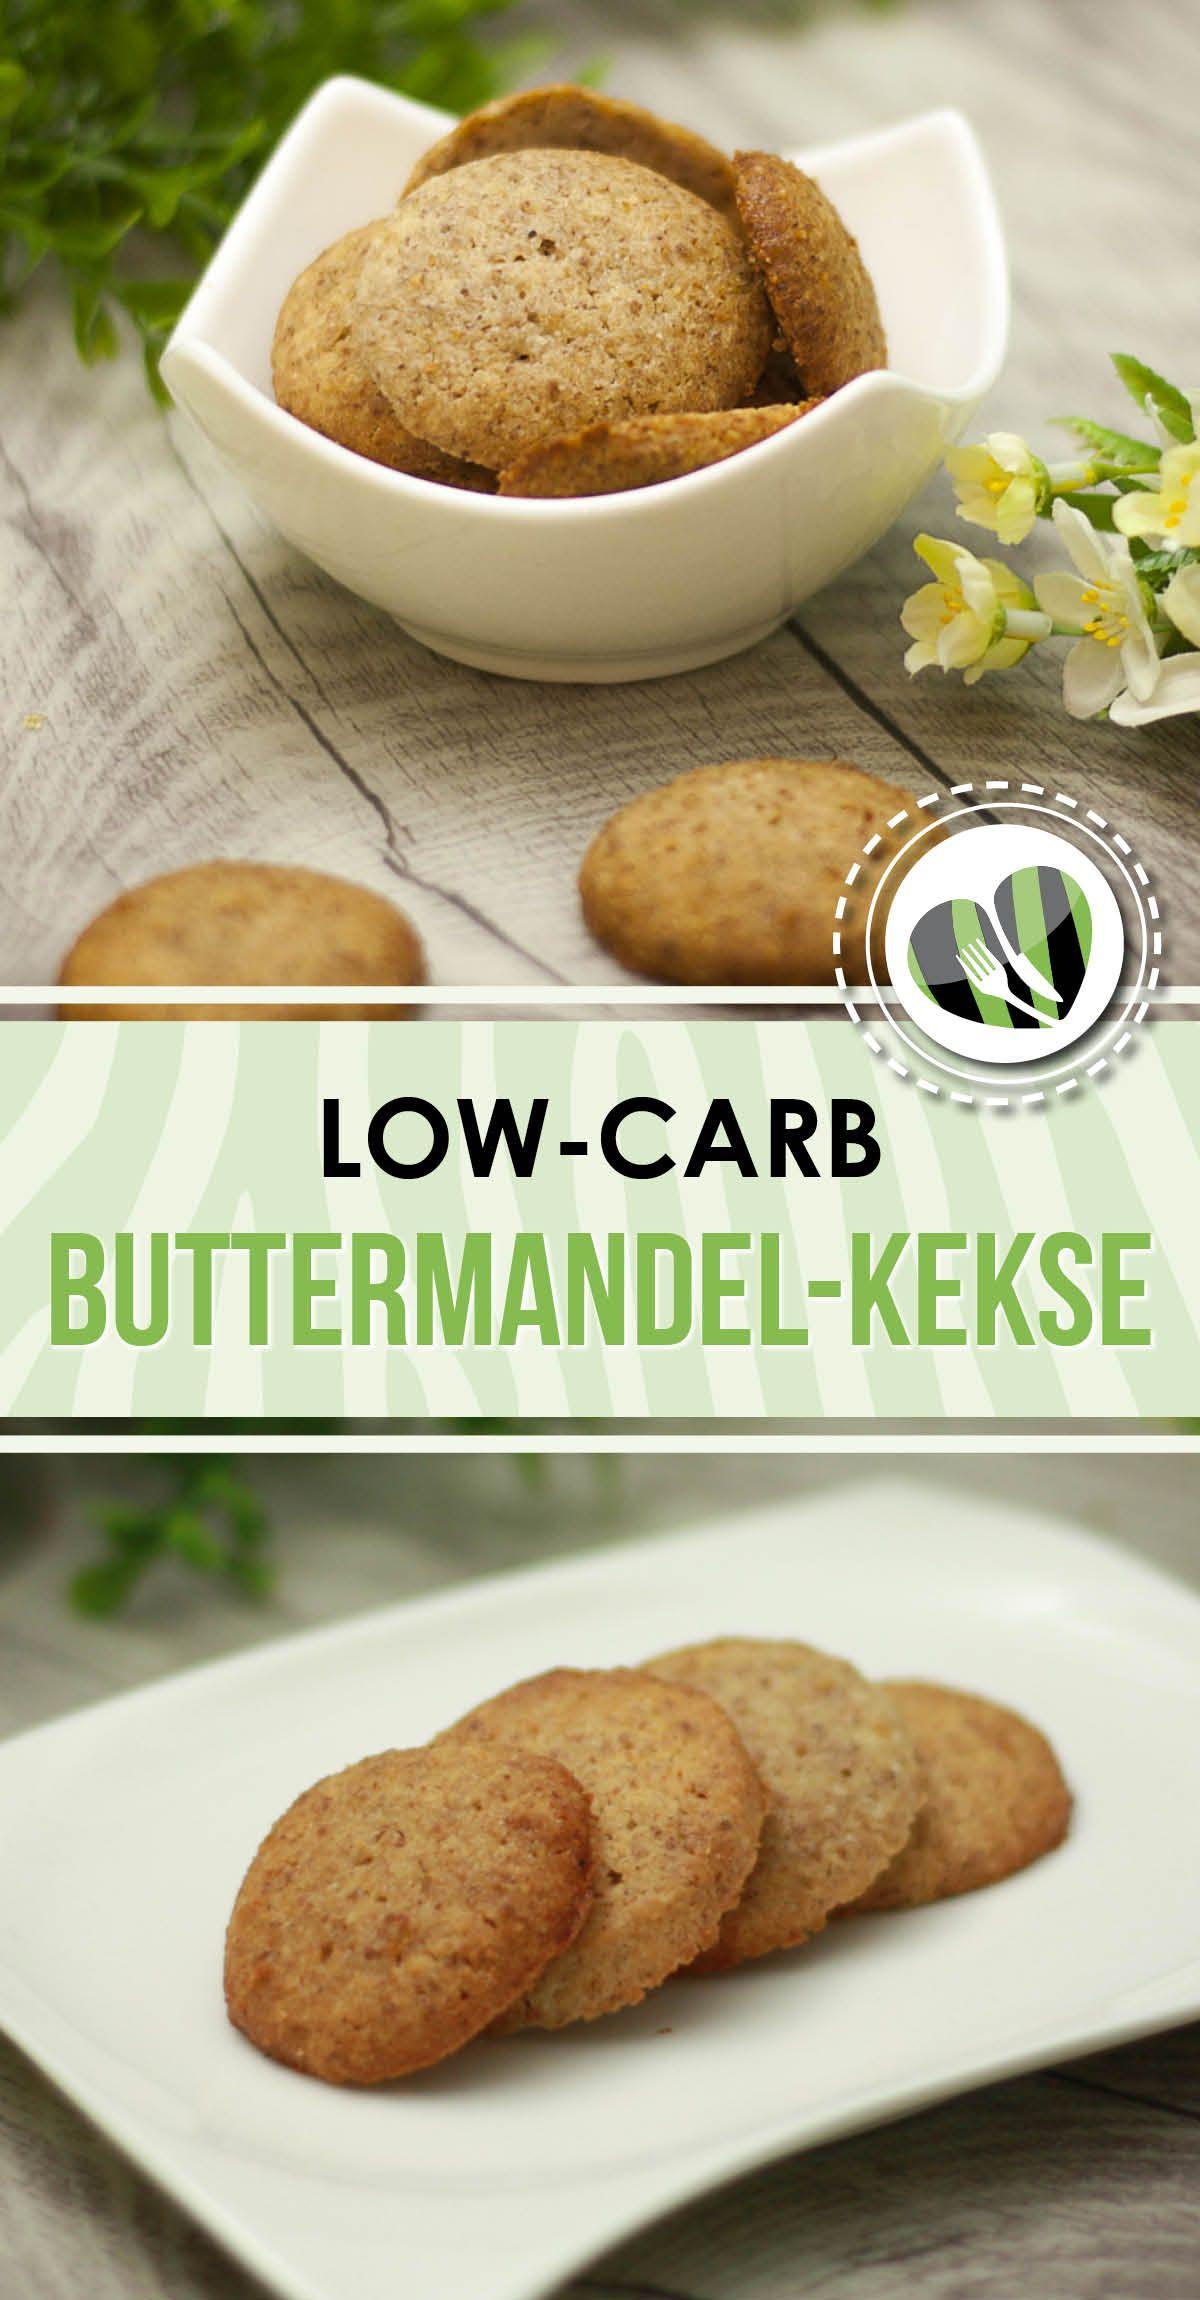 low carb buttermandel kekse di trezepte low carb keto. Black Bedroom Furniture Sets. Home Design Ideas